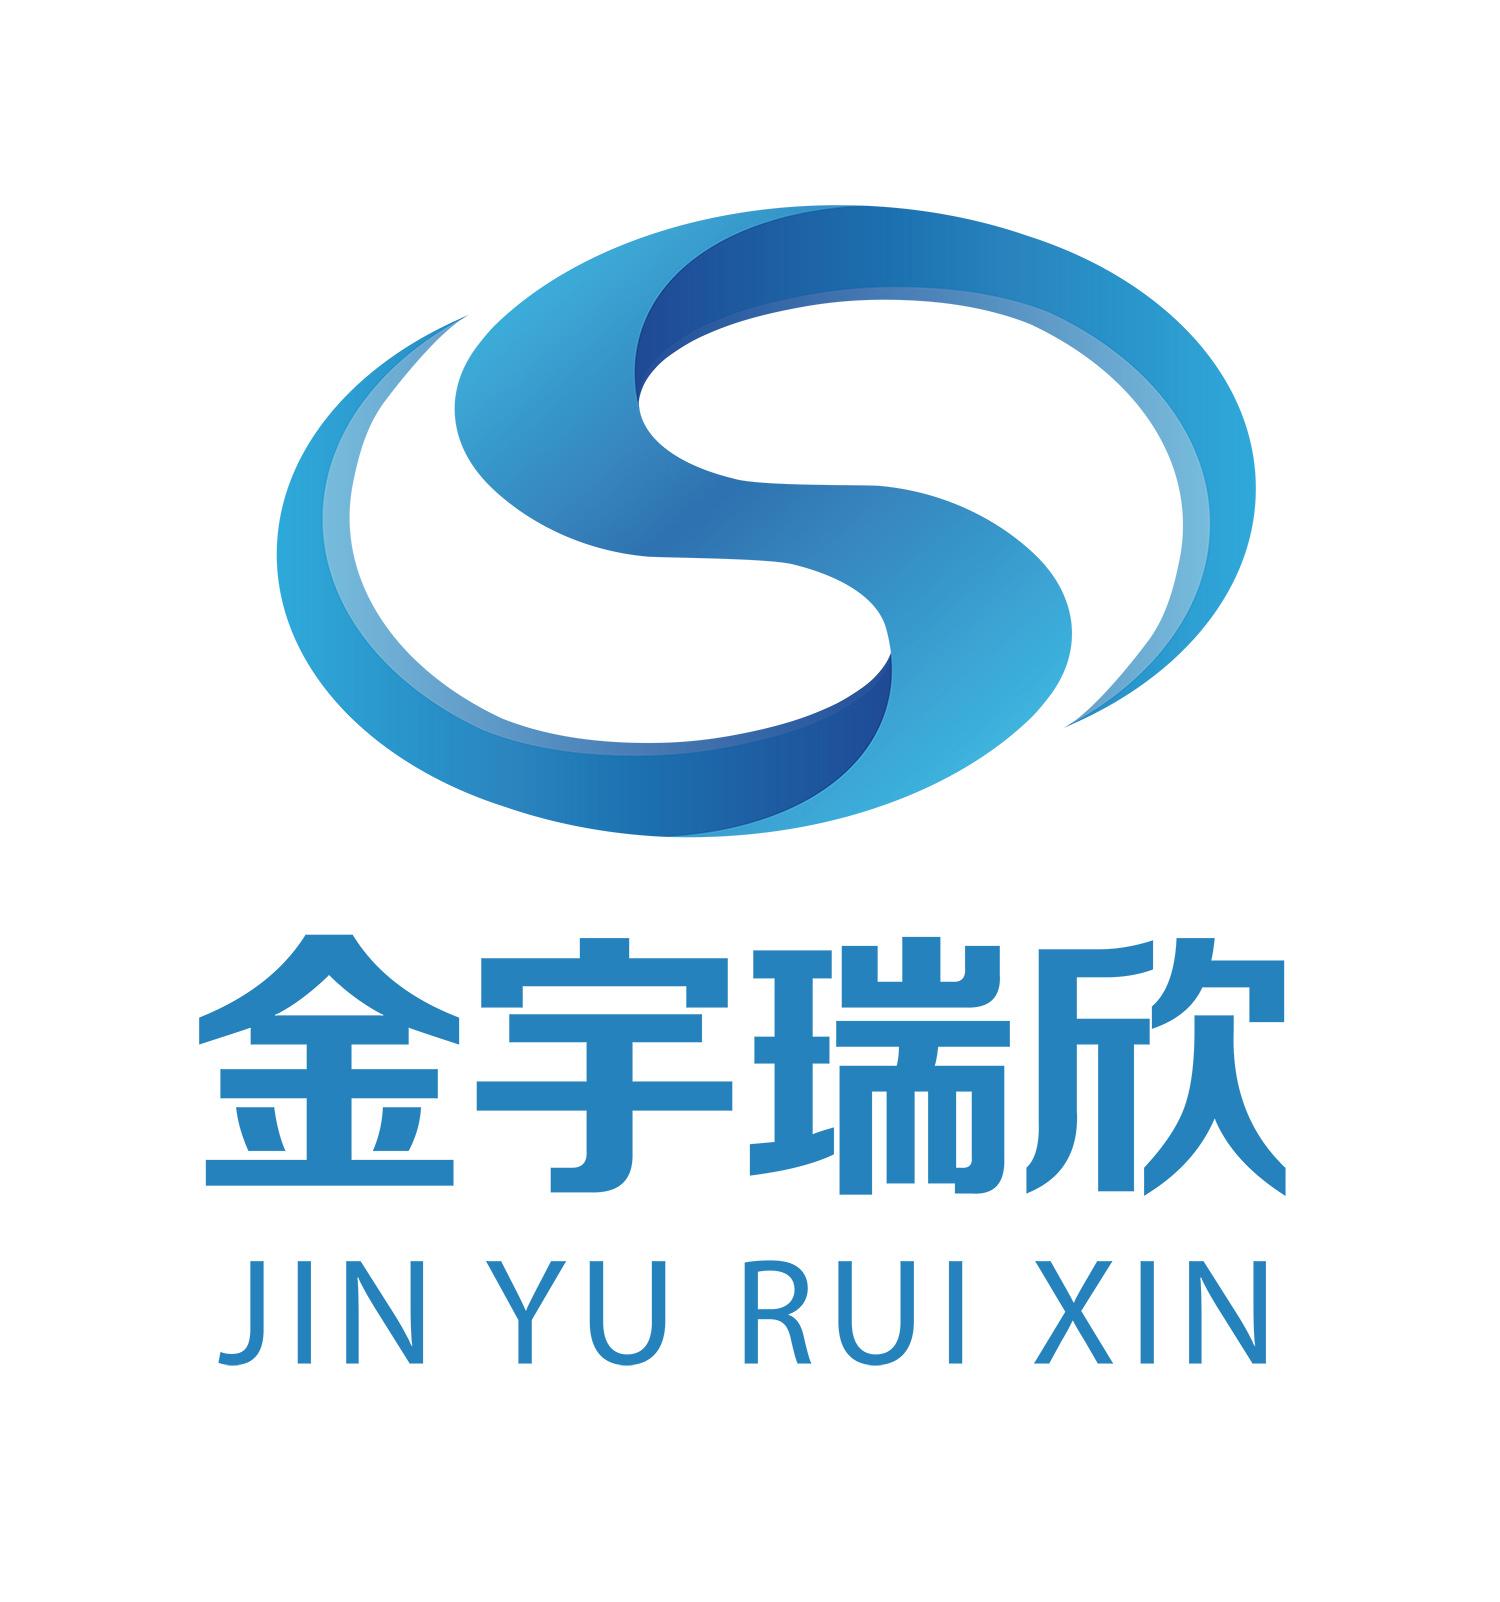 北京金宇瑞欣贸易有限公司-第五届中国国际老龄产业博览会